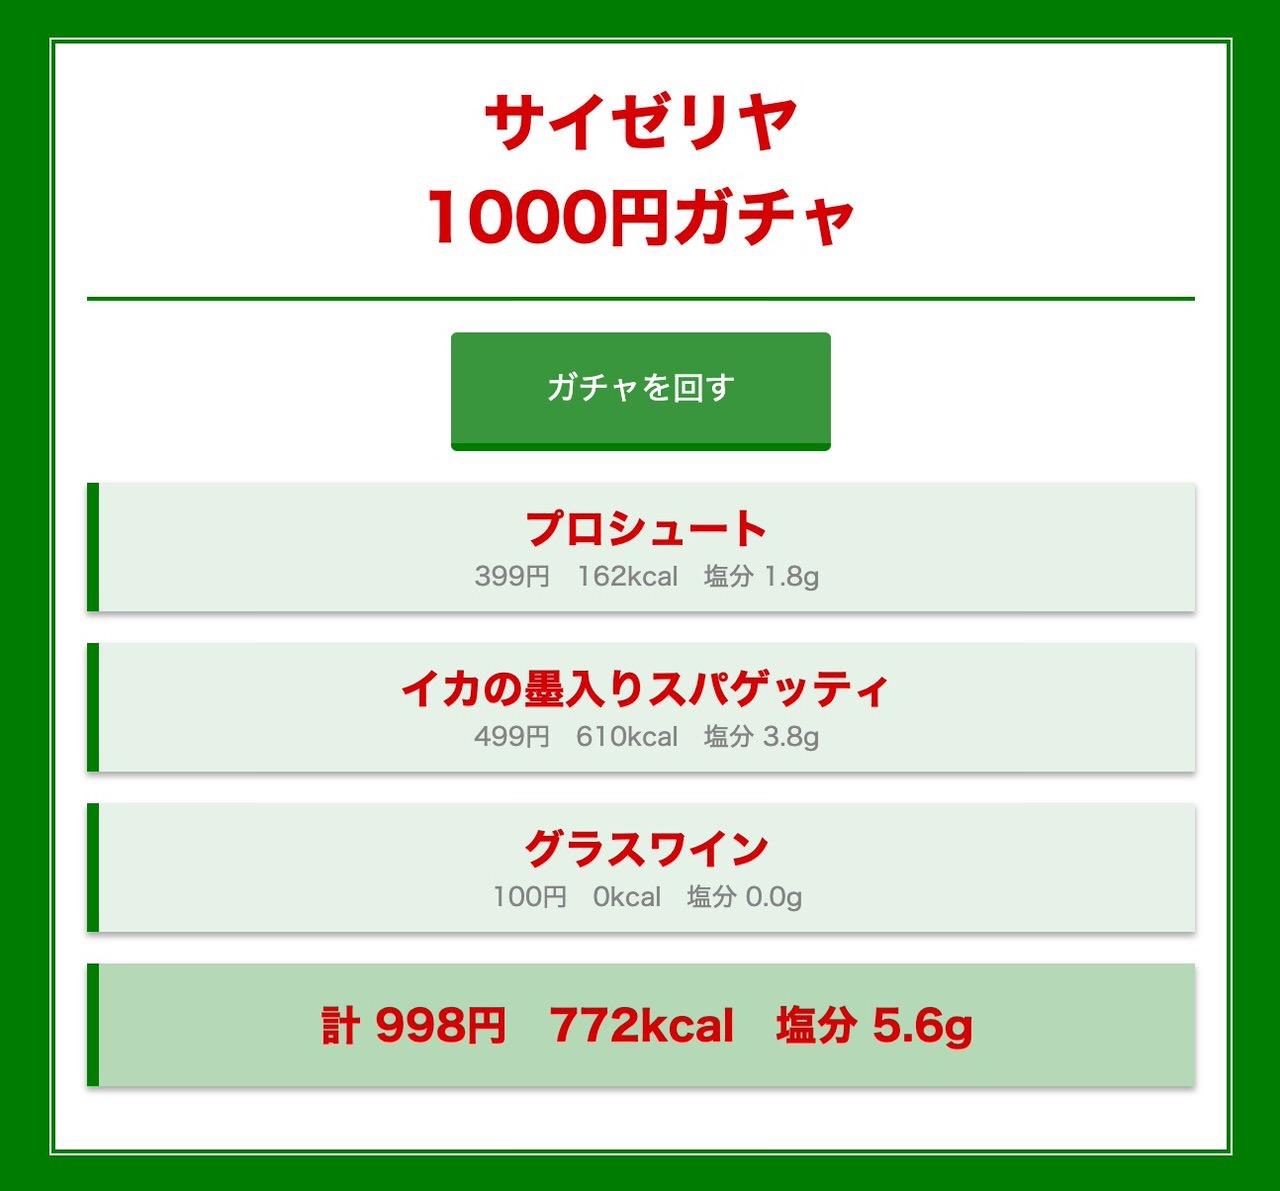 「サイゼリヤ 1000円ガチャ」2